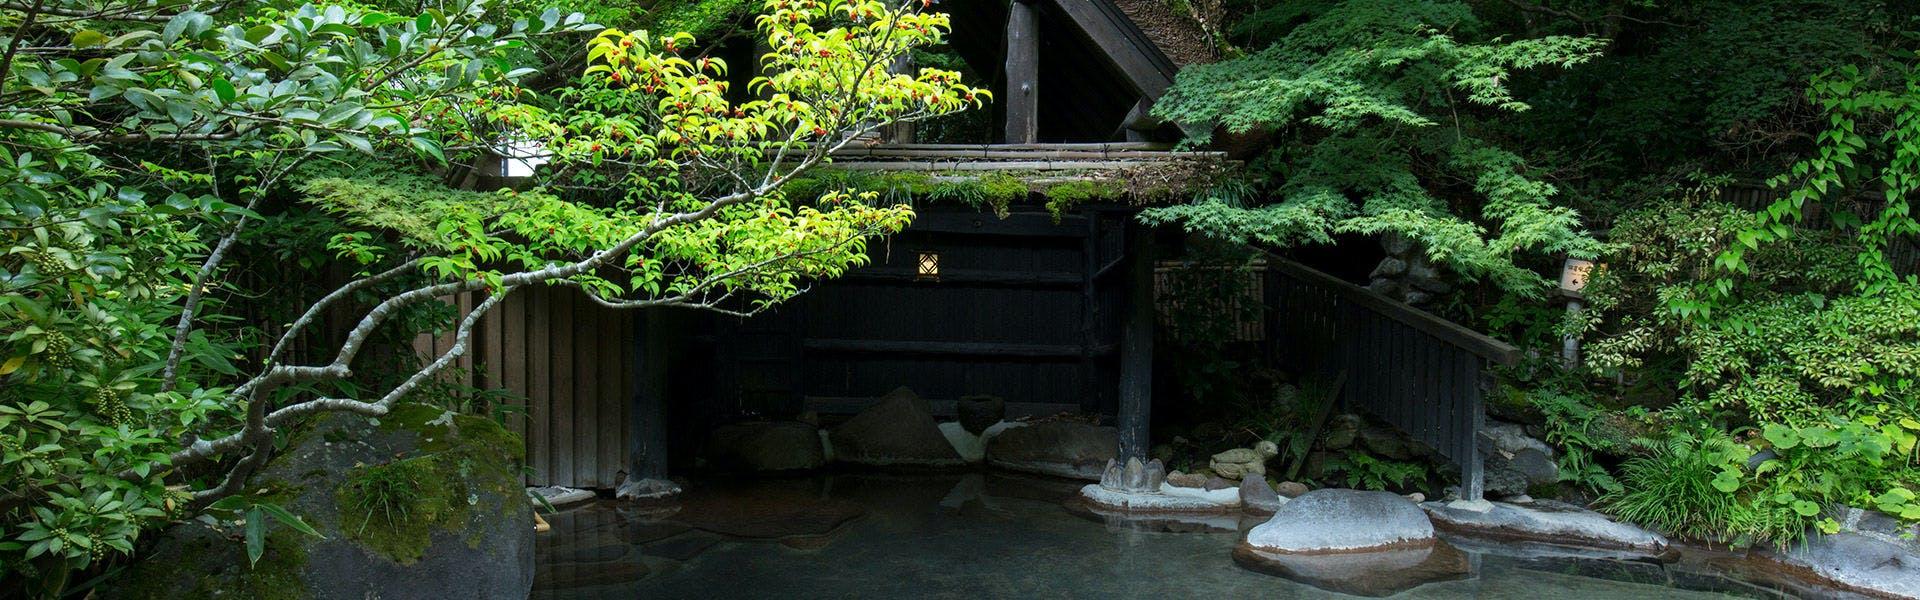 記念日におすすめのホテル・黒川温泉 旅館 奥の湯の写真3